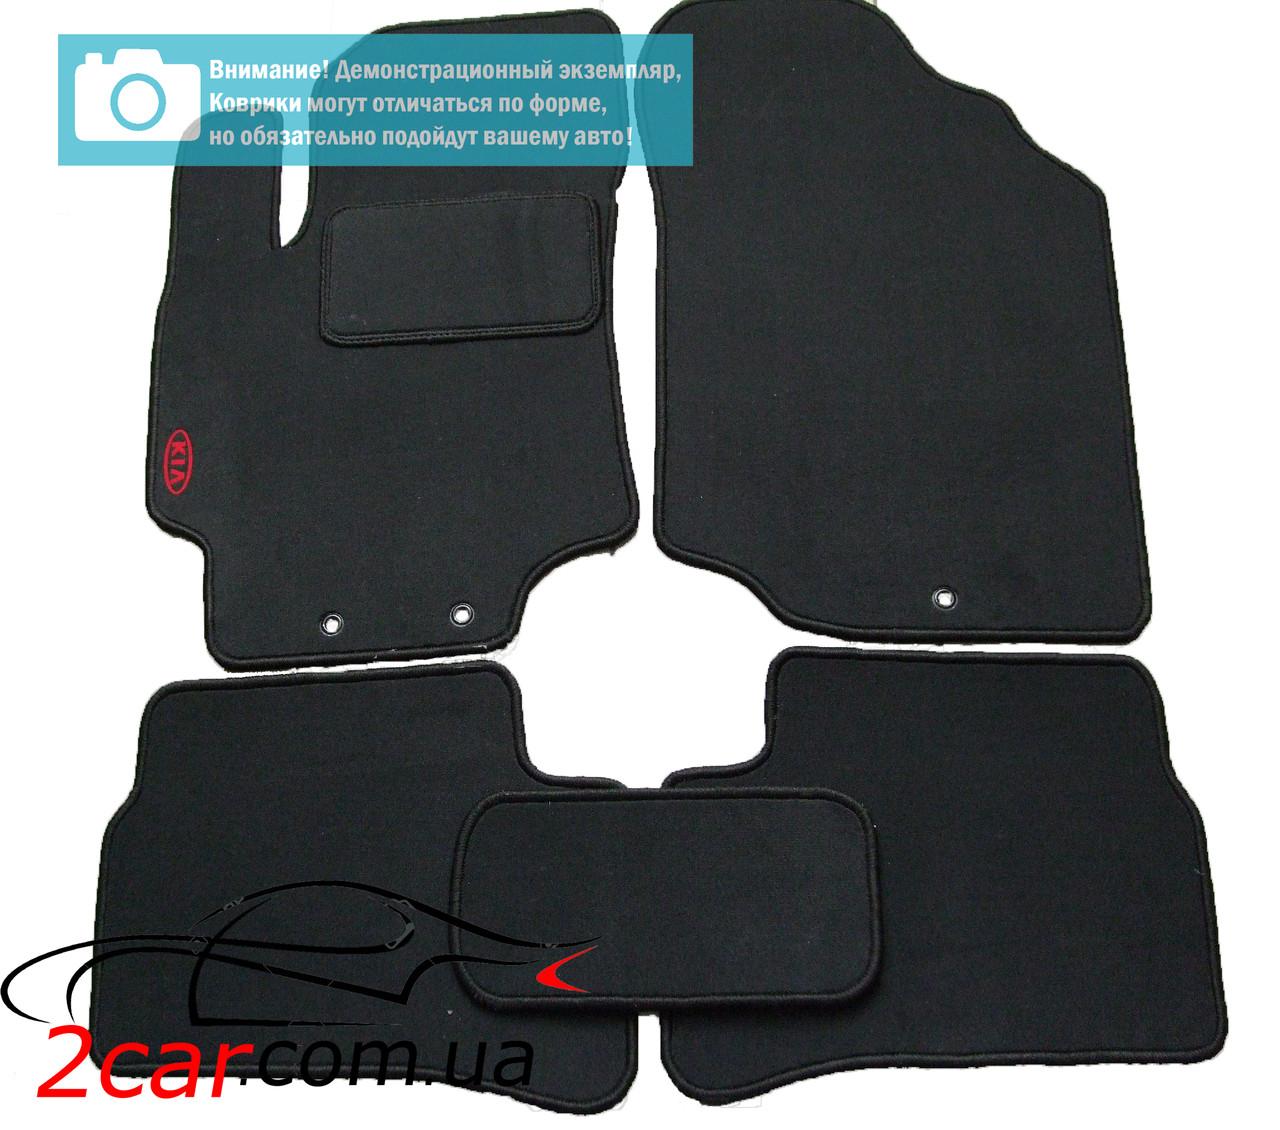 Текстильные коврики в салон для ВАЗ 2106 (серые) (StingrayUA)